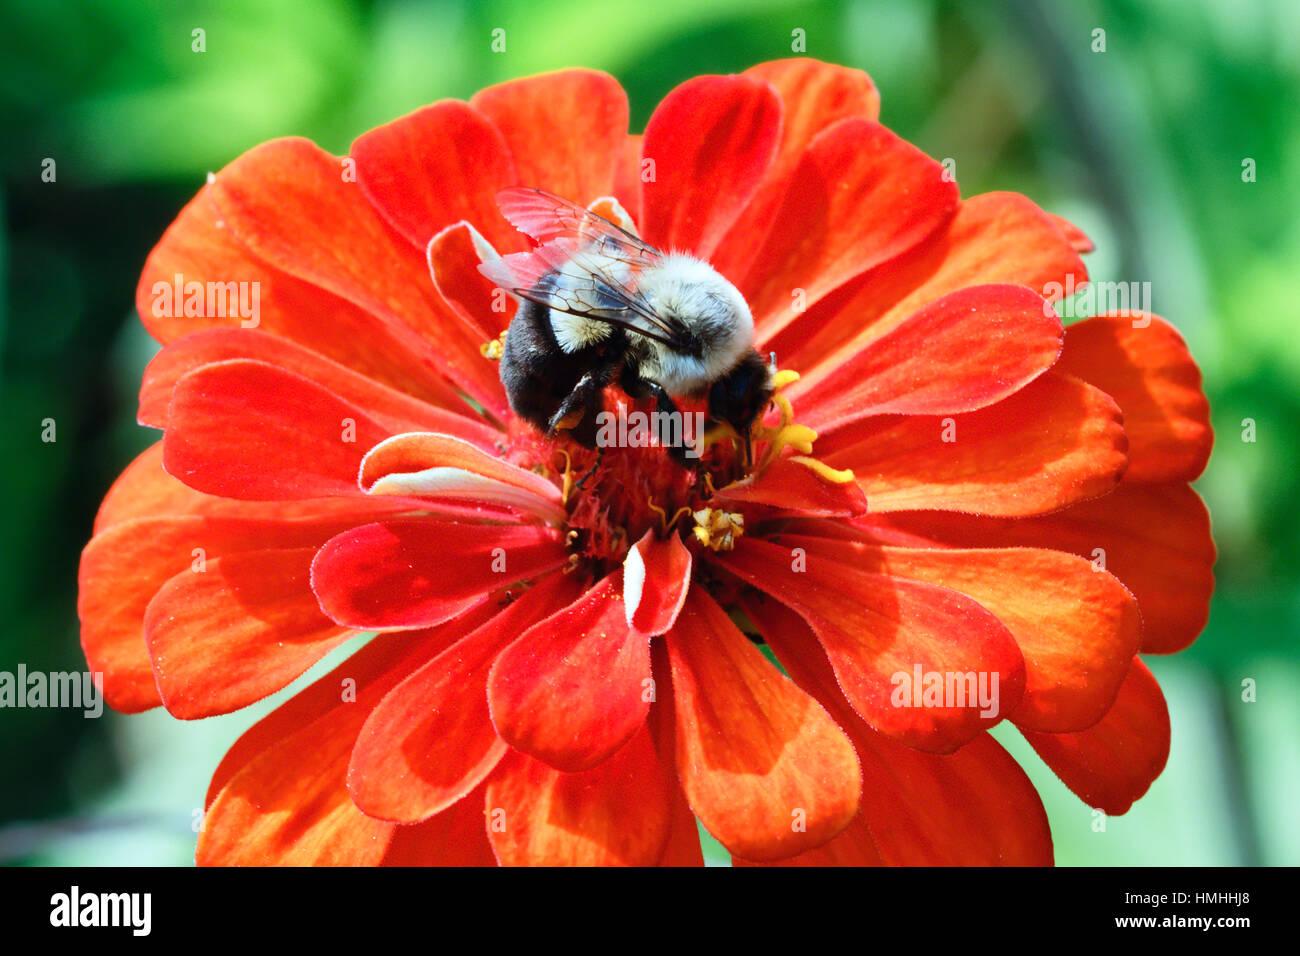 Vista de cerca de una abeja de miel Pollenating Zinnia flor roja Foto de stock